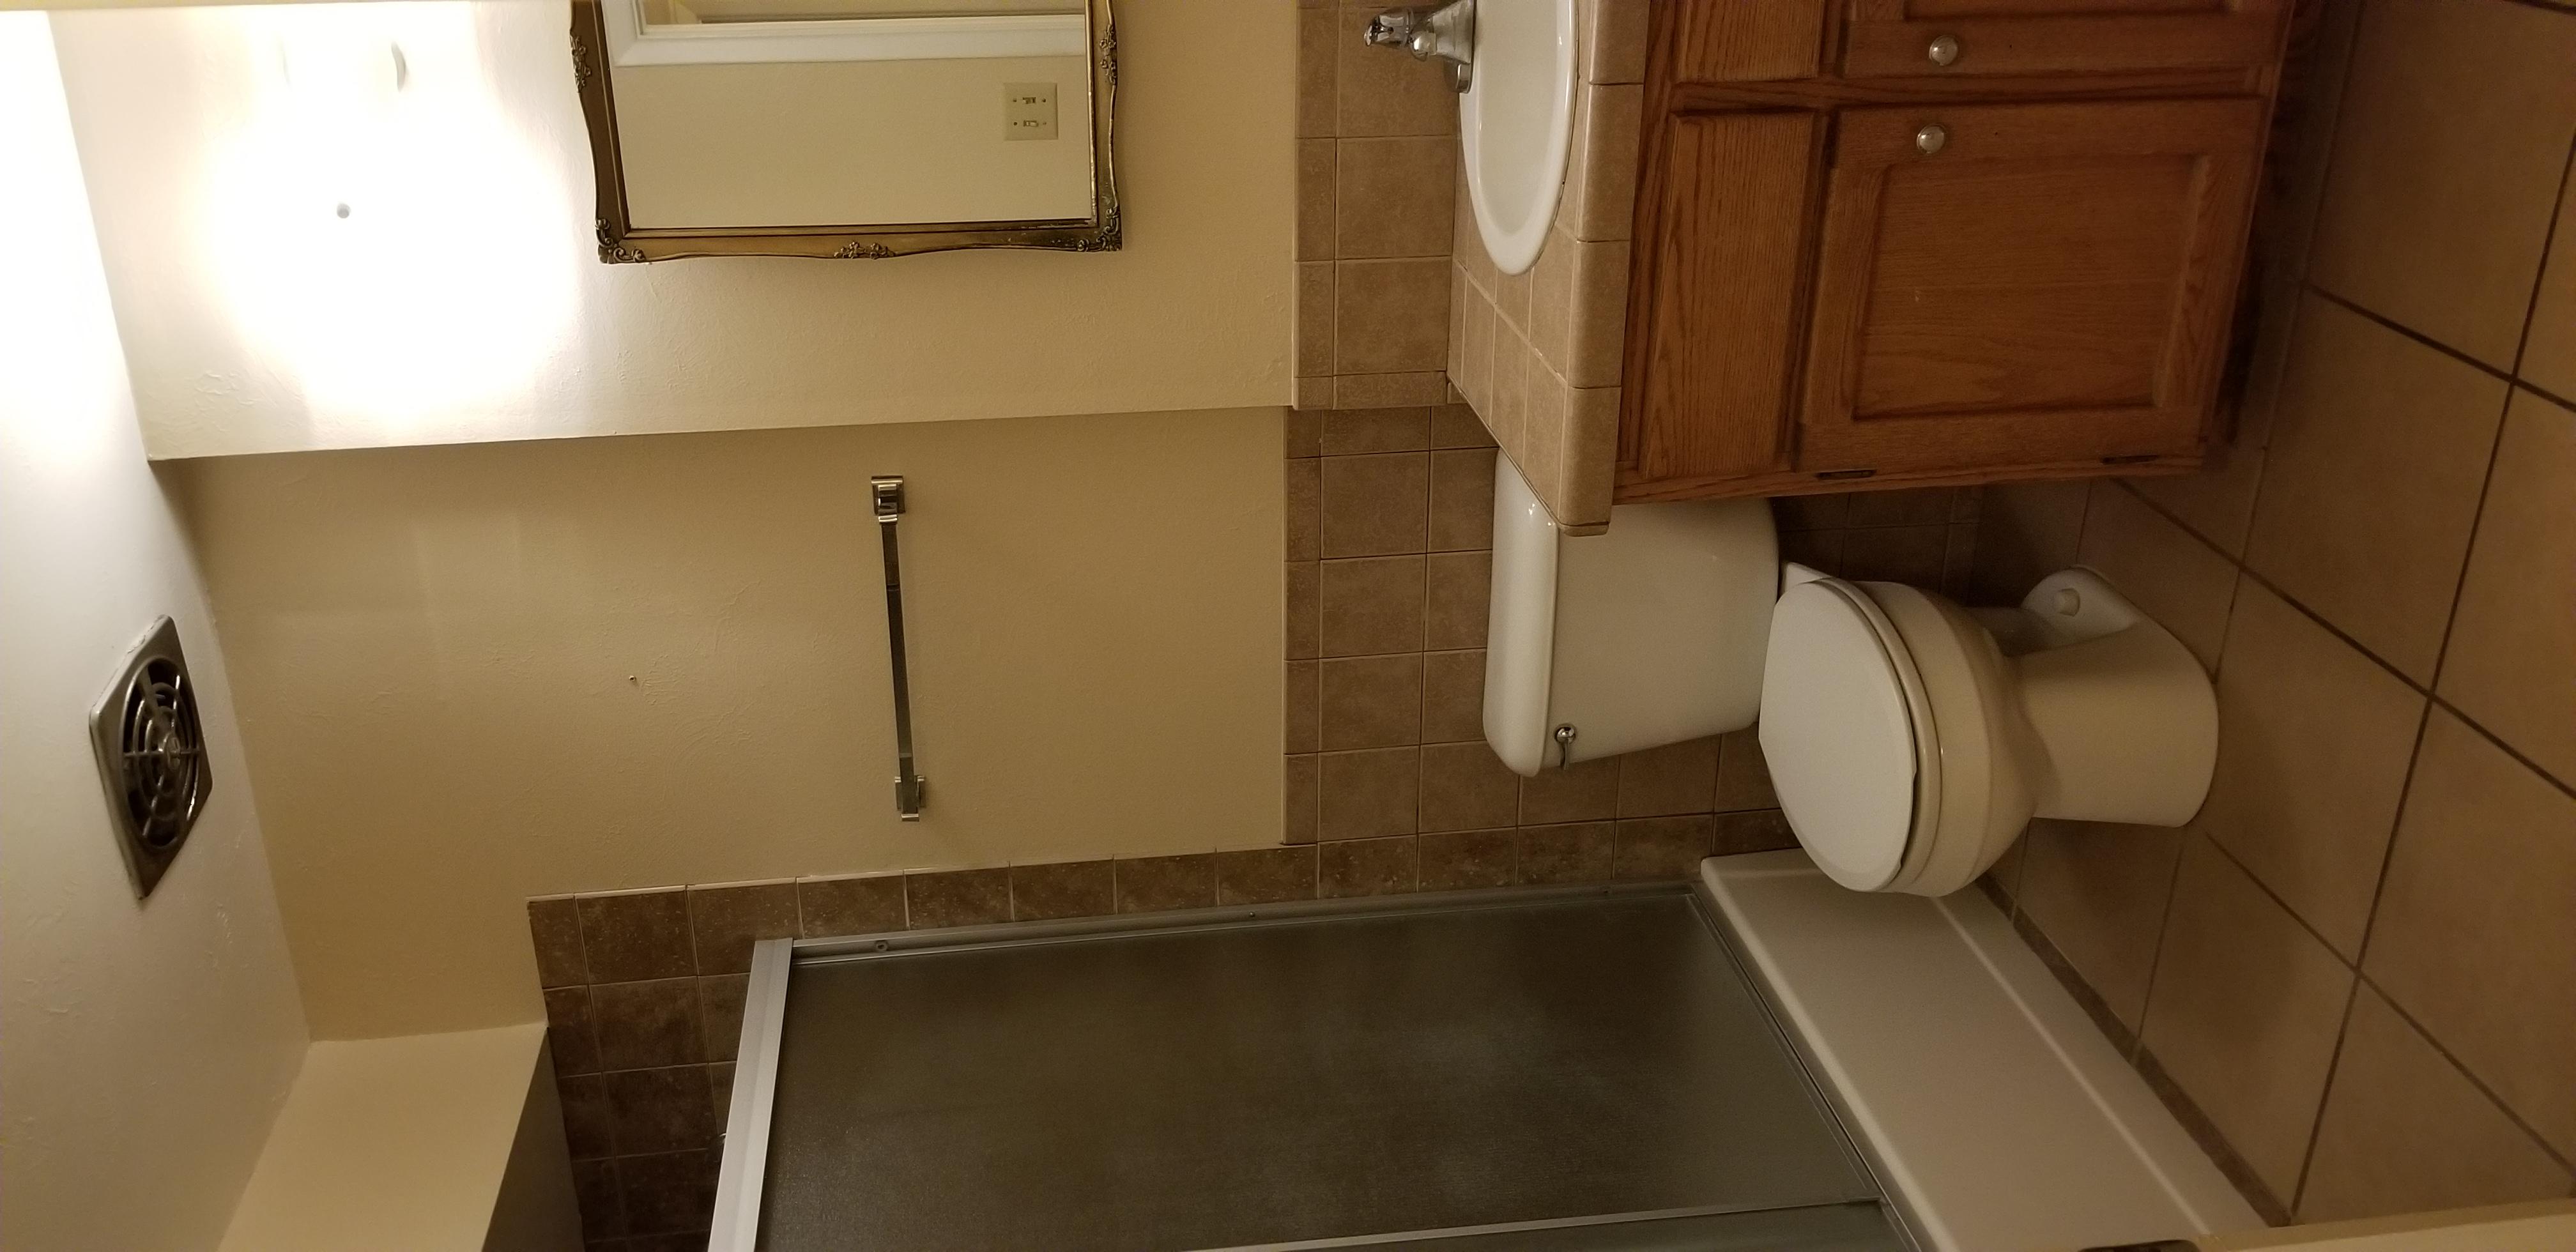 2244 Hall Bath